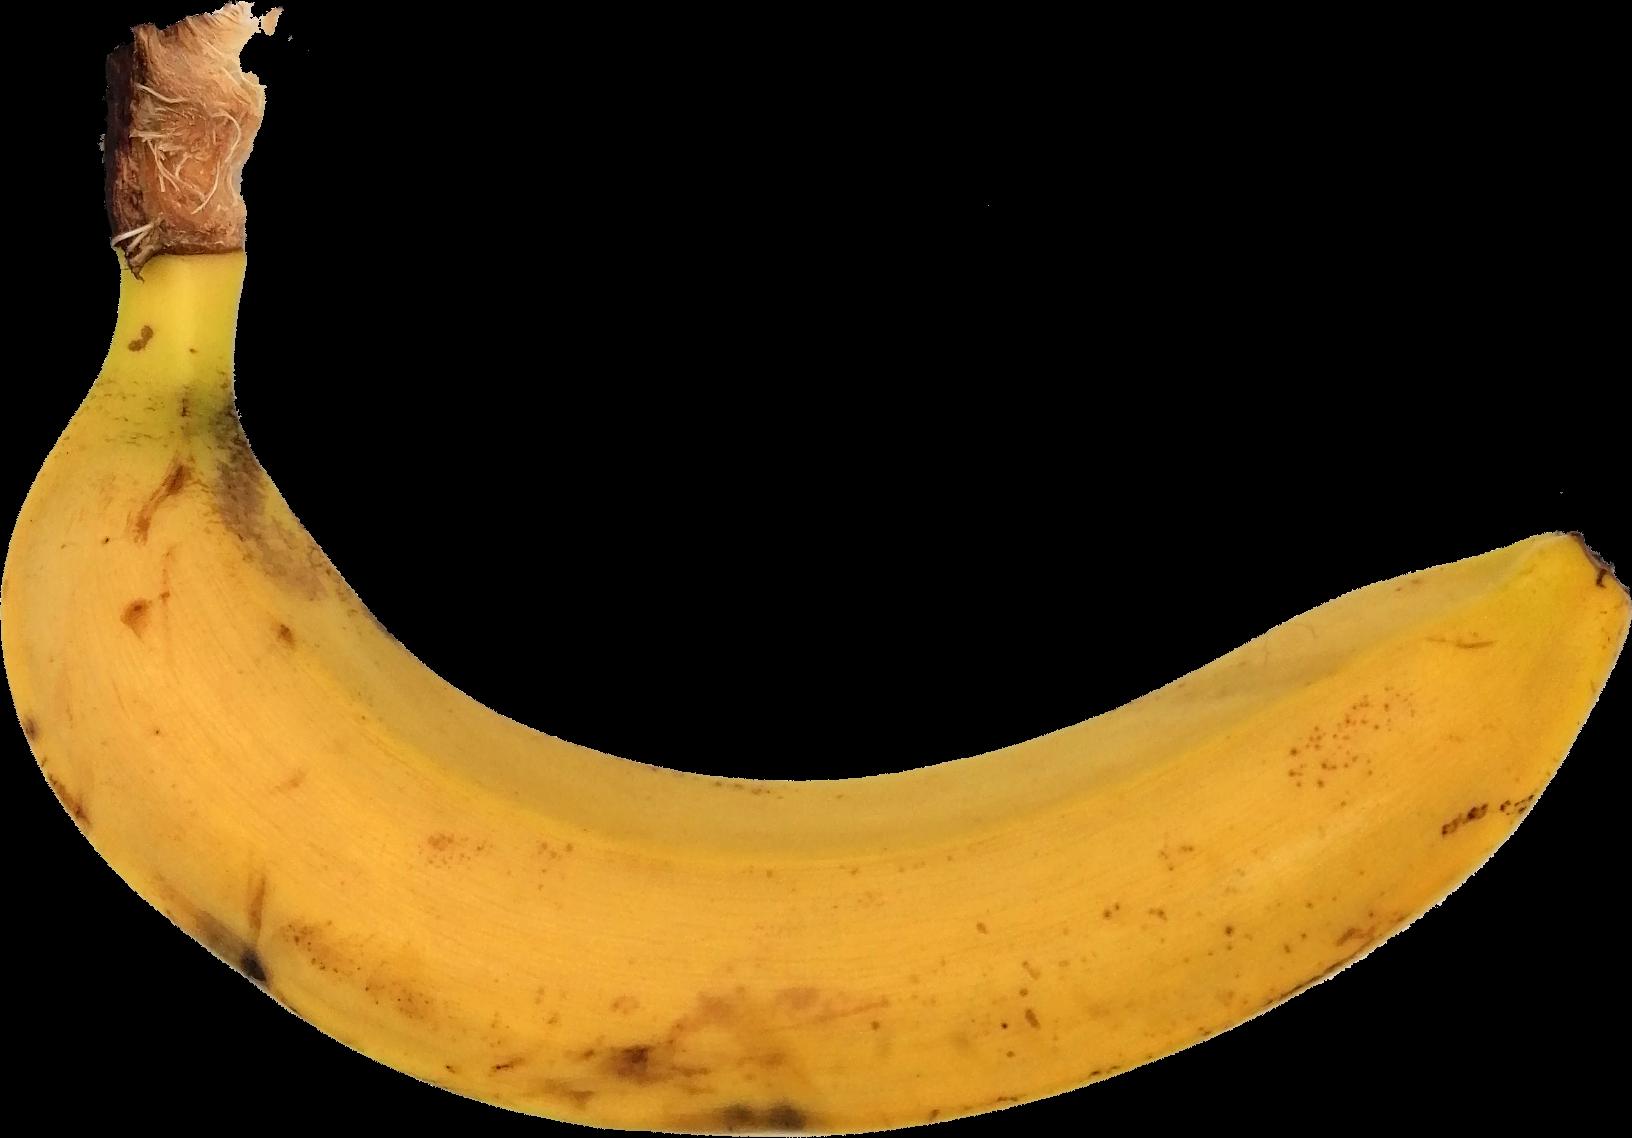 banana-1.png